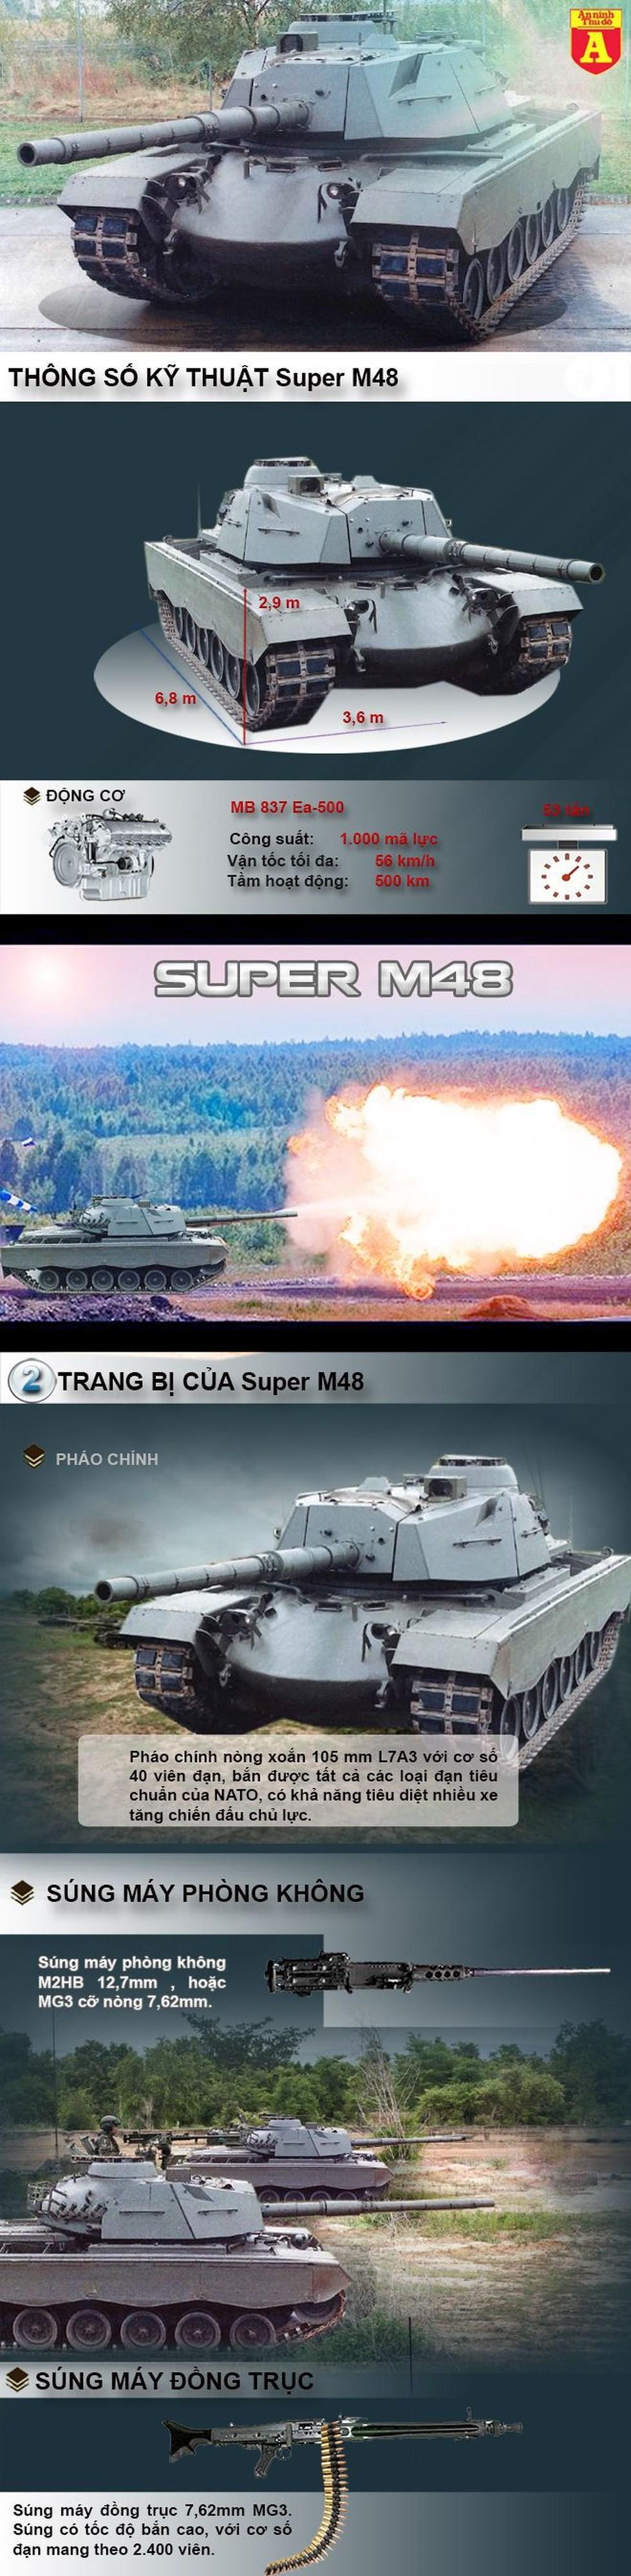 [Info] Nếu muốn, Việt Nam có thể biến M-48 chiến lợi phẩm thành siêu tăng đúng nghĩa? ảnh 2